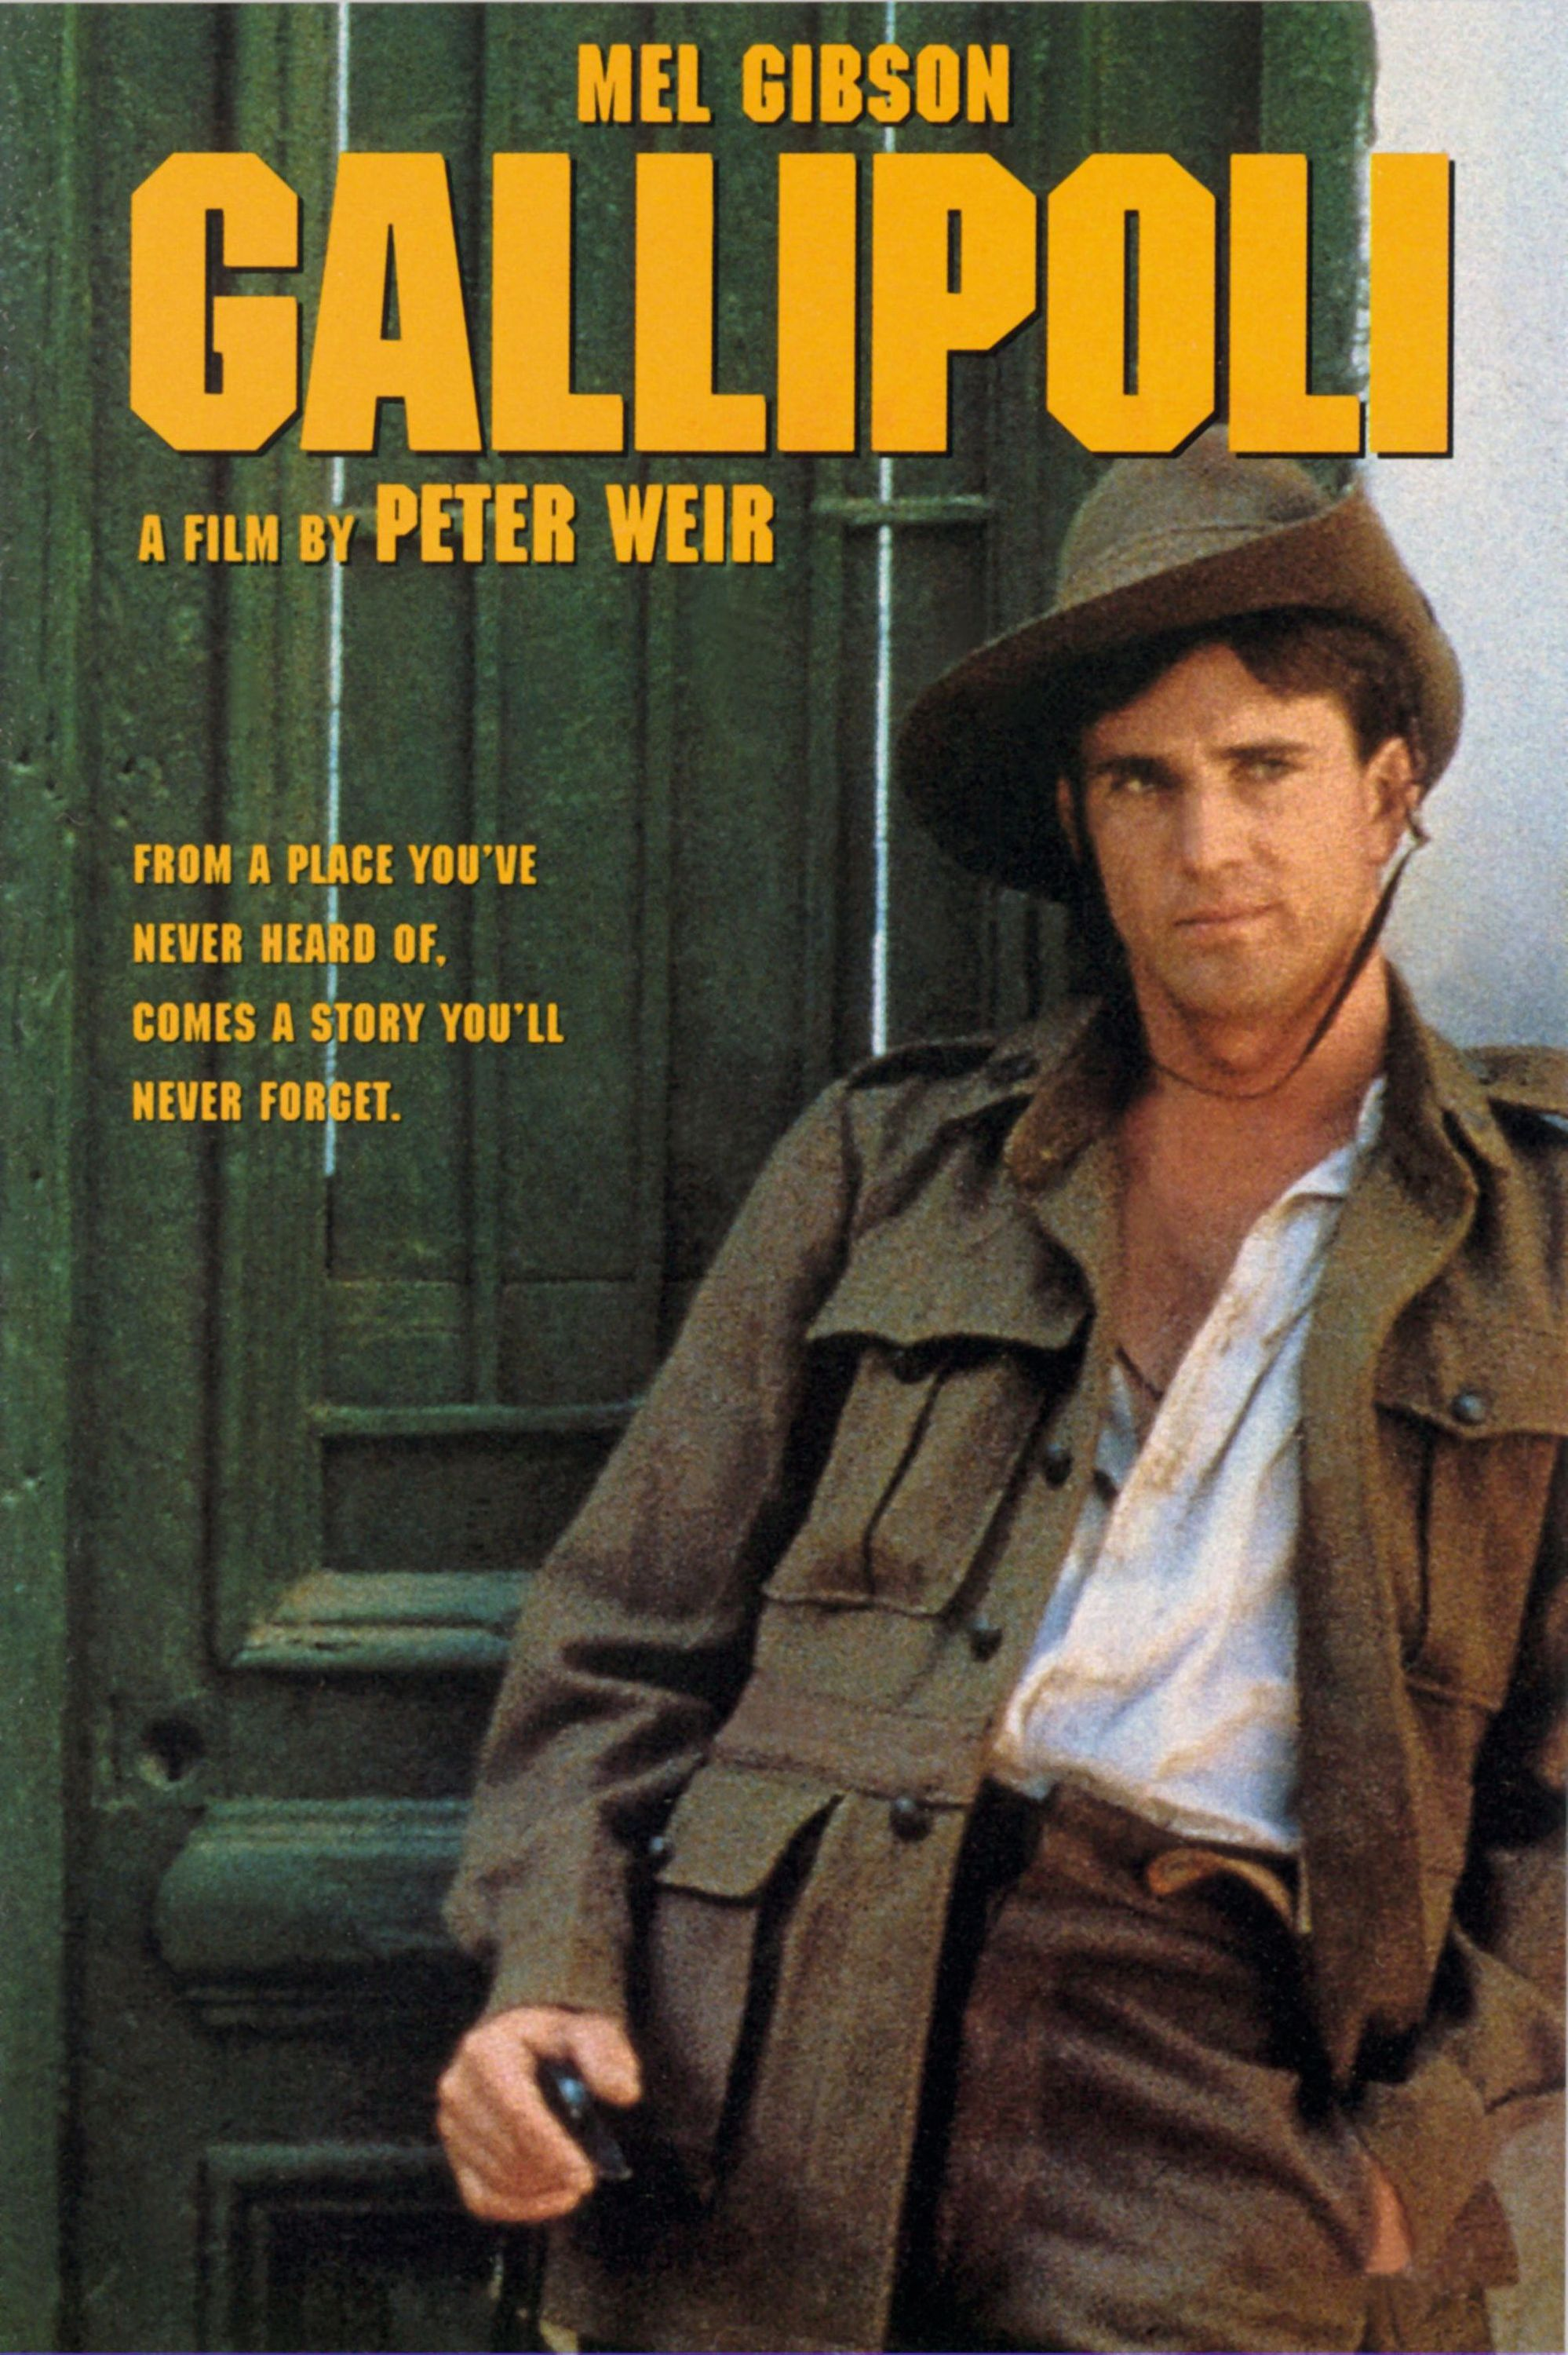 Peter Weir, Gallipoli, 1981